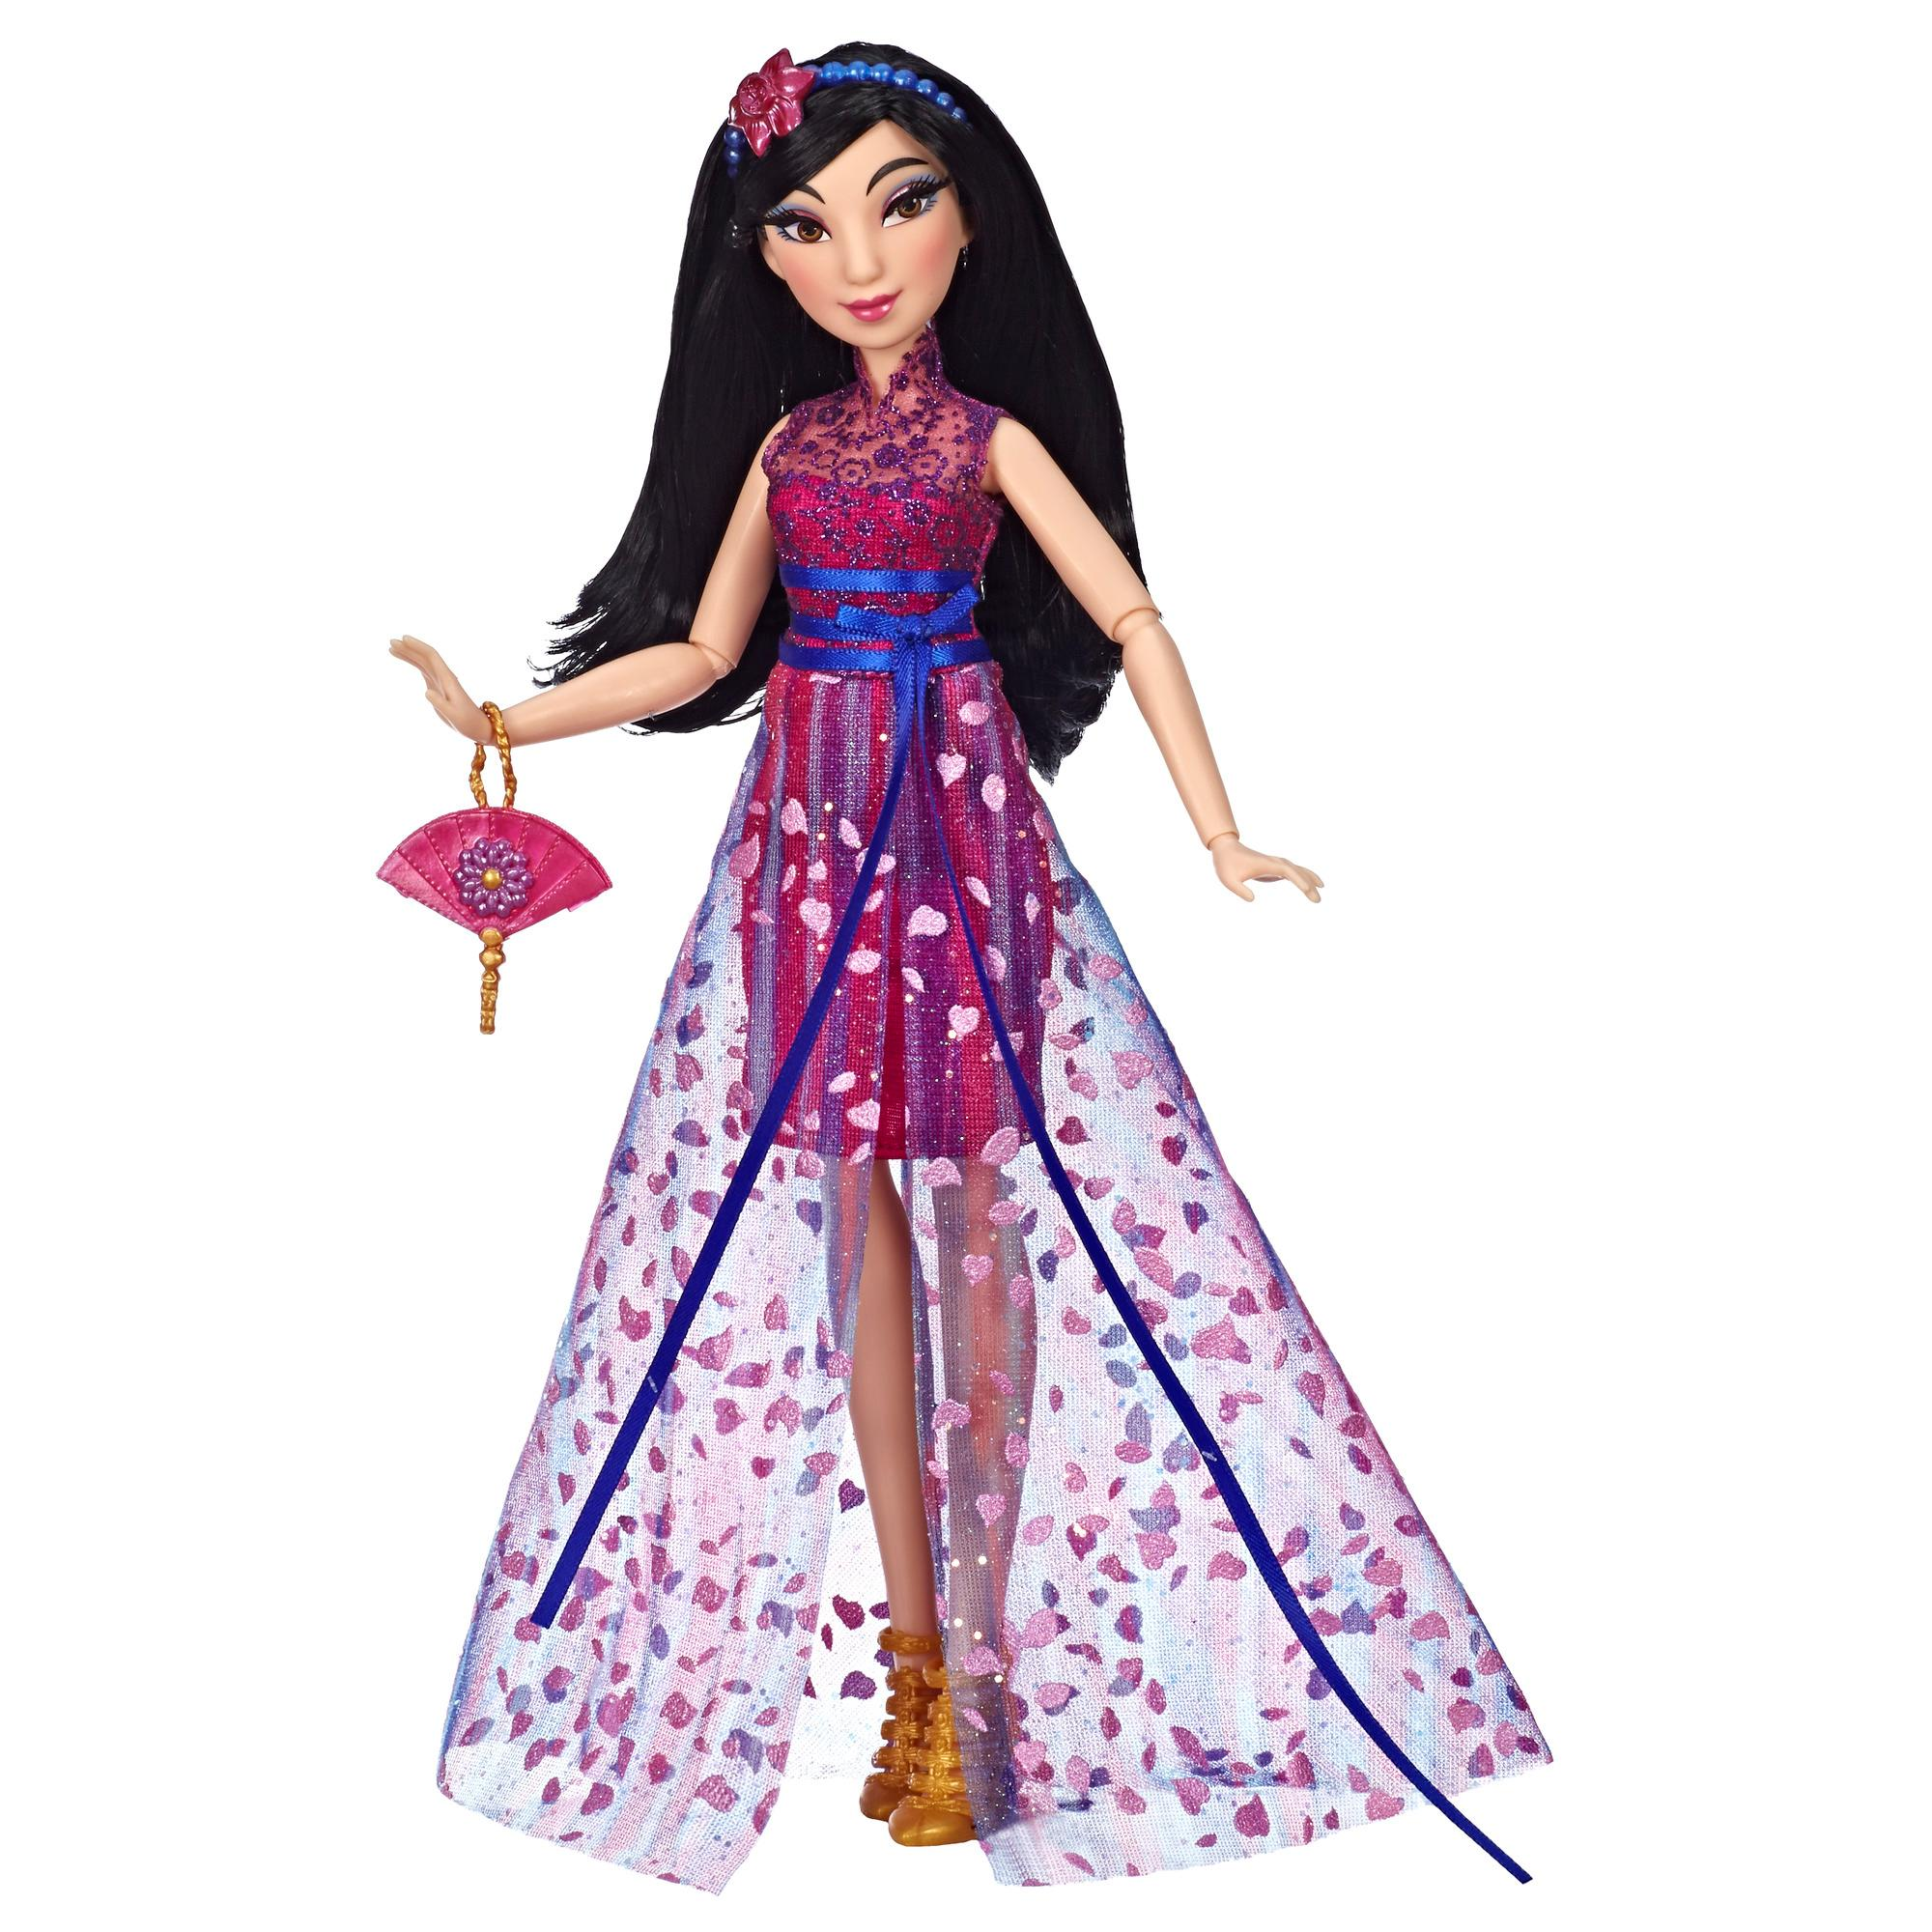 Disney Prinzessin Style Serie - Mulan Puppe in modernem Look mit Tasche und Schuhen